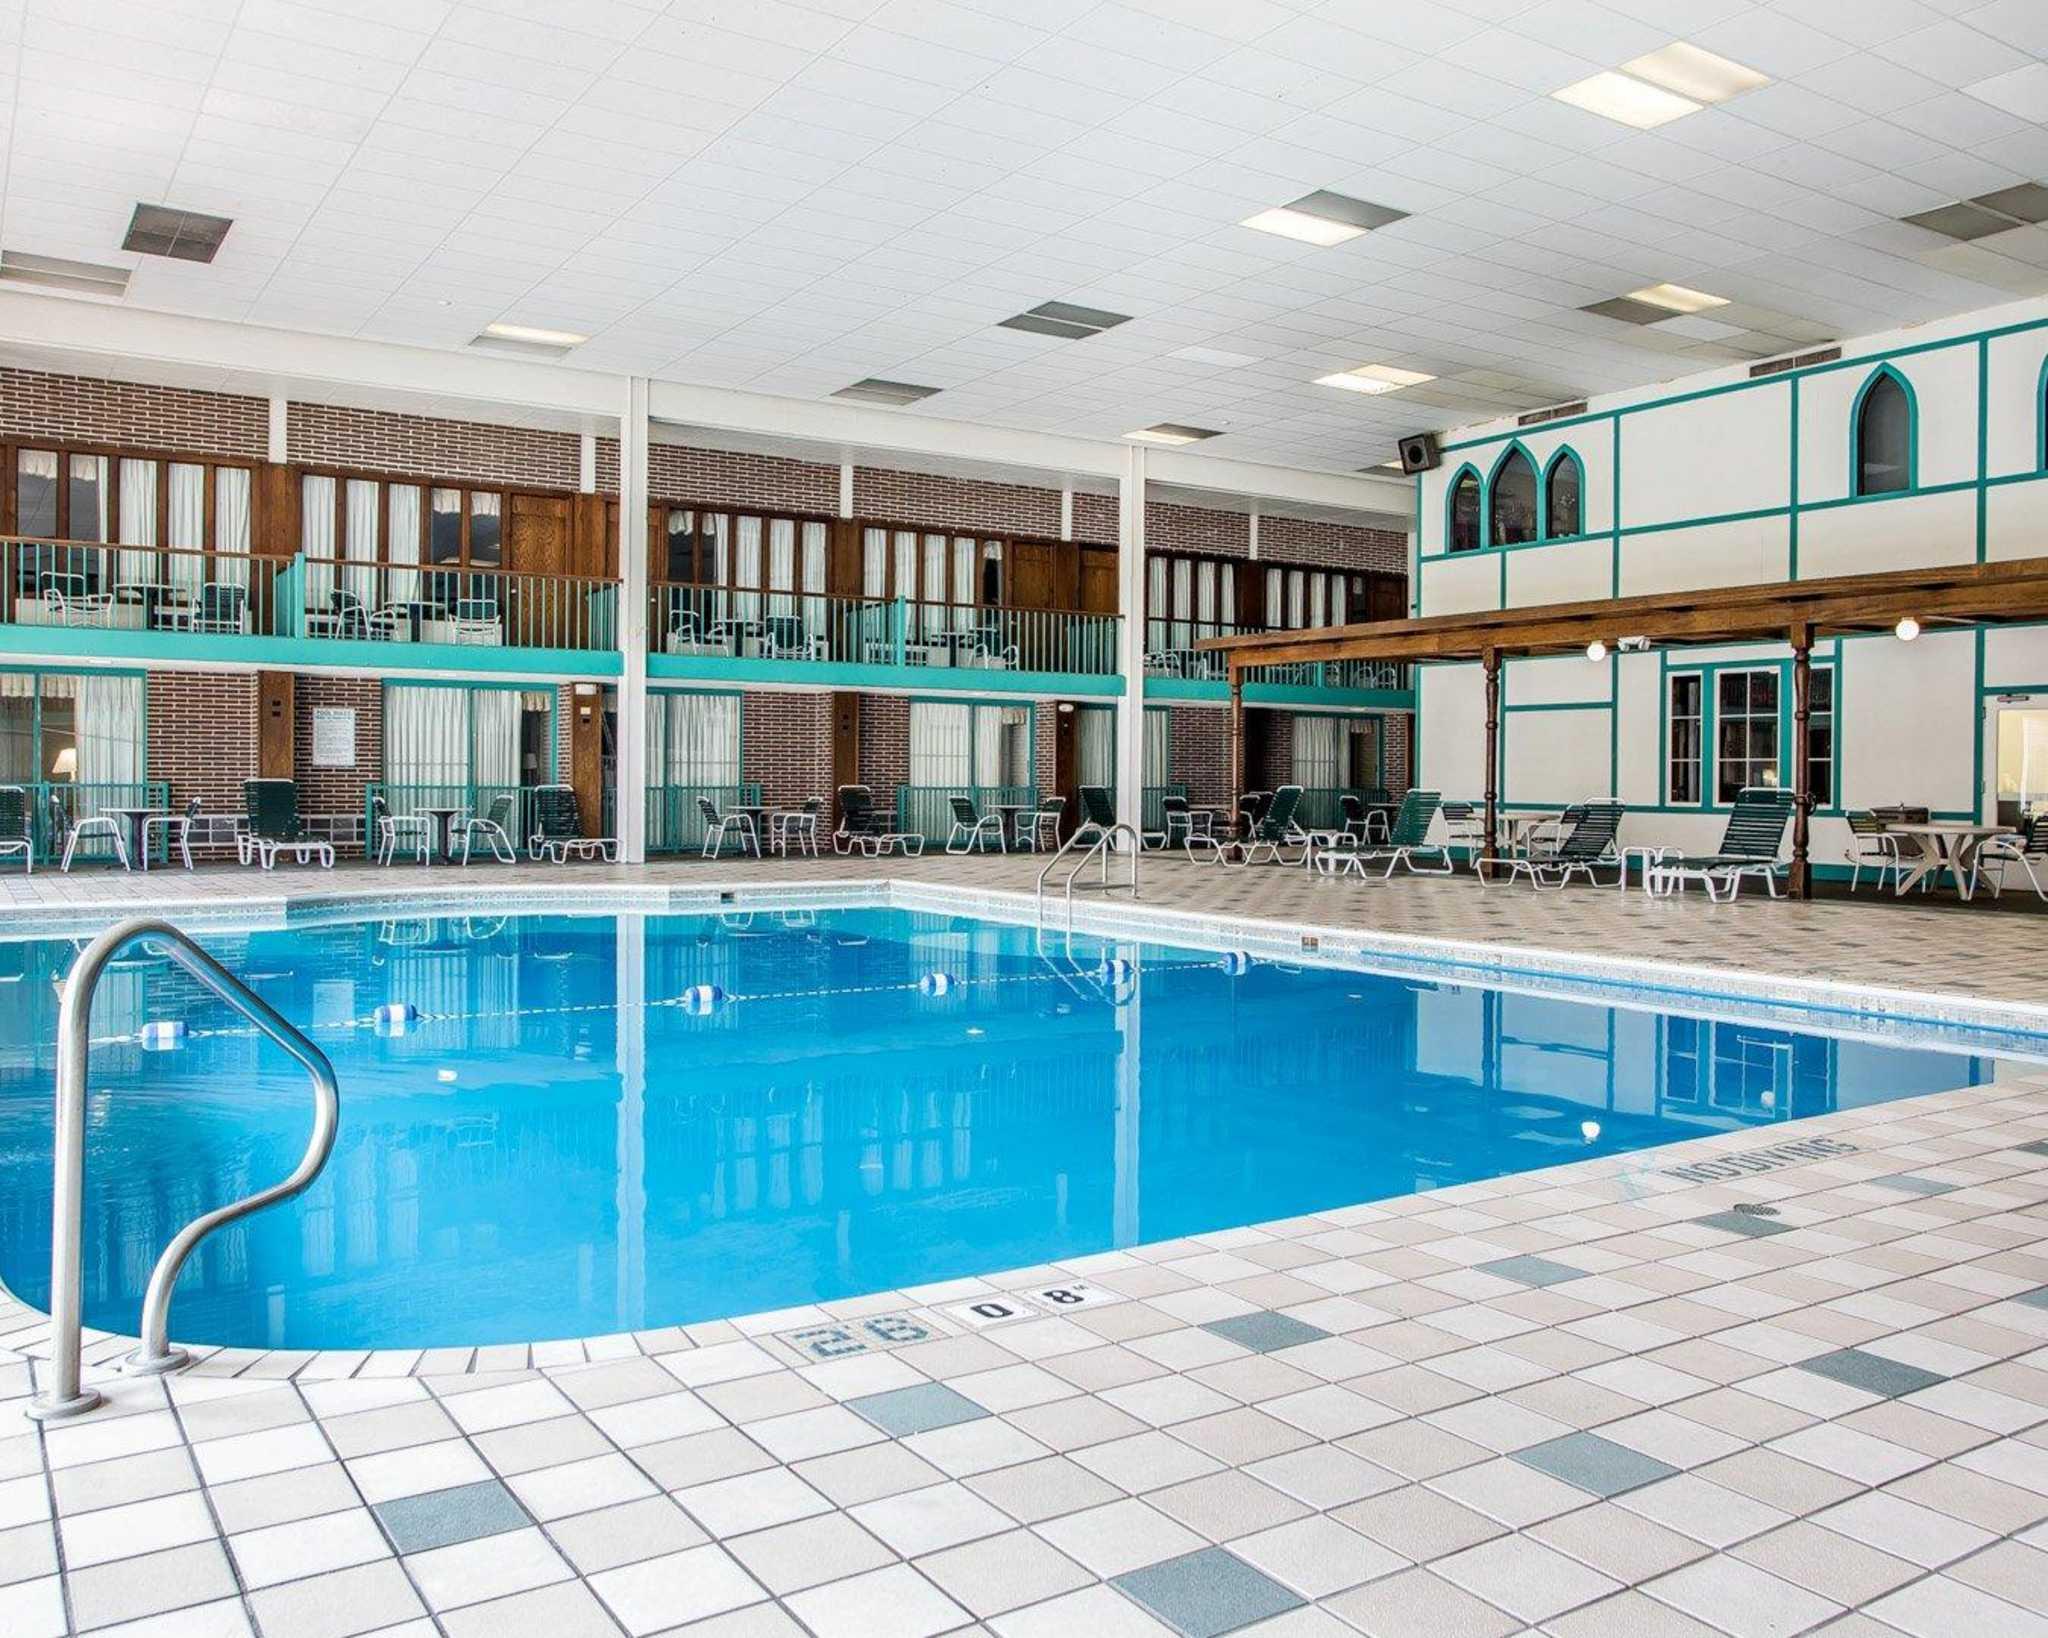 Clarion Hotel Highlander Conference Center image 10